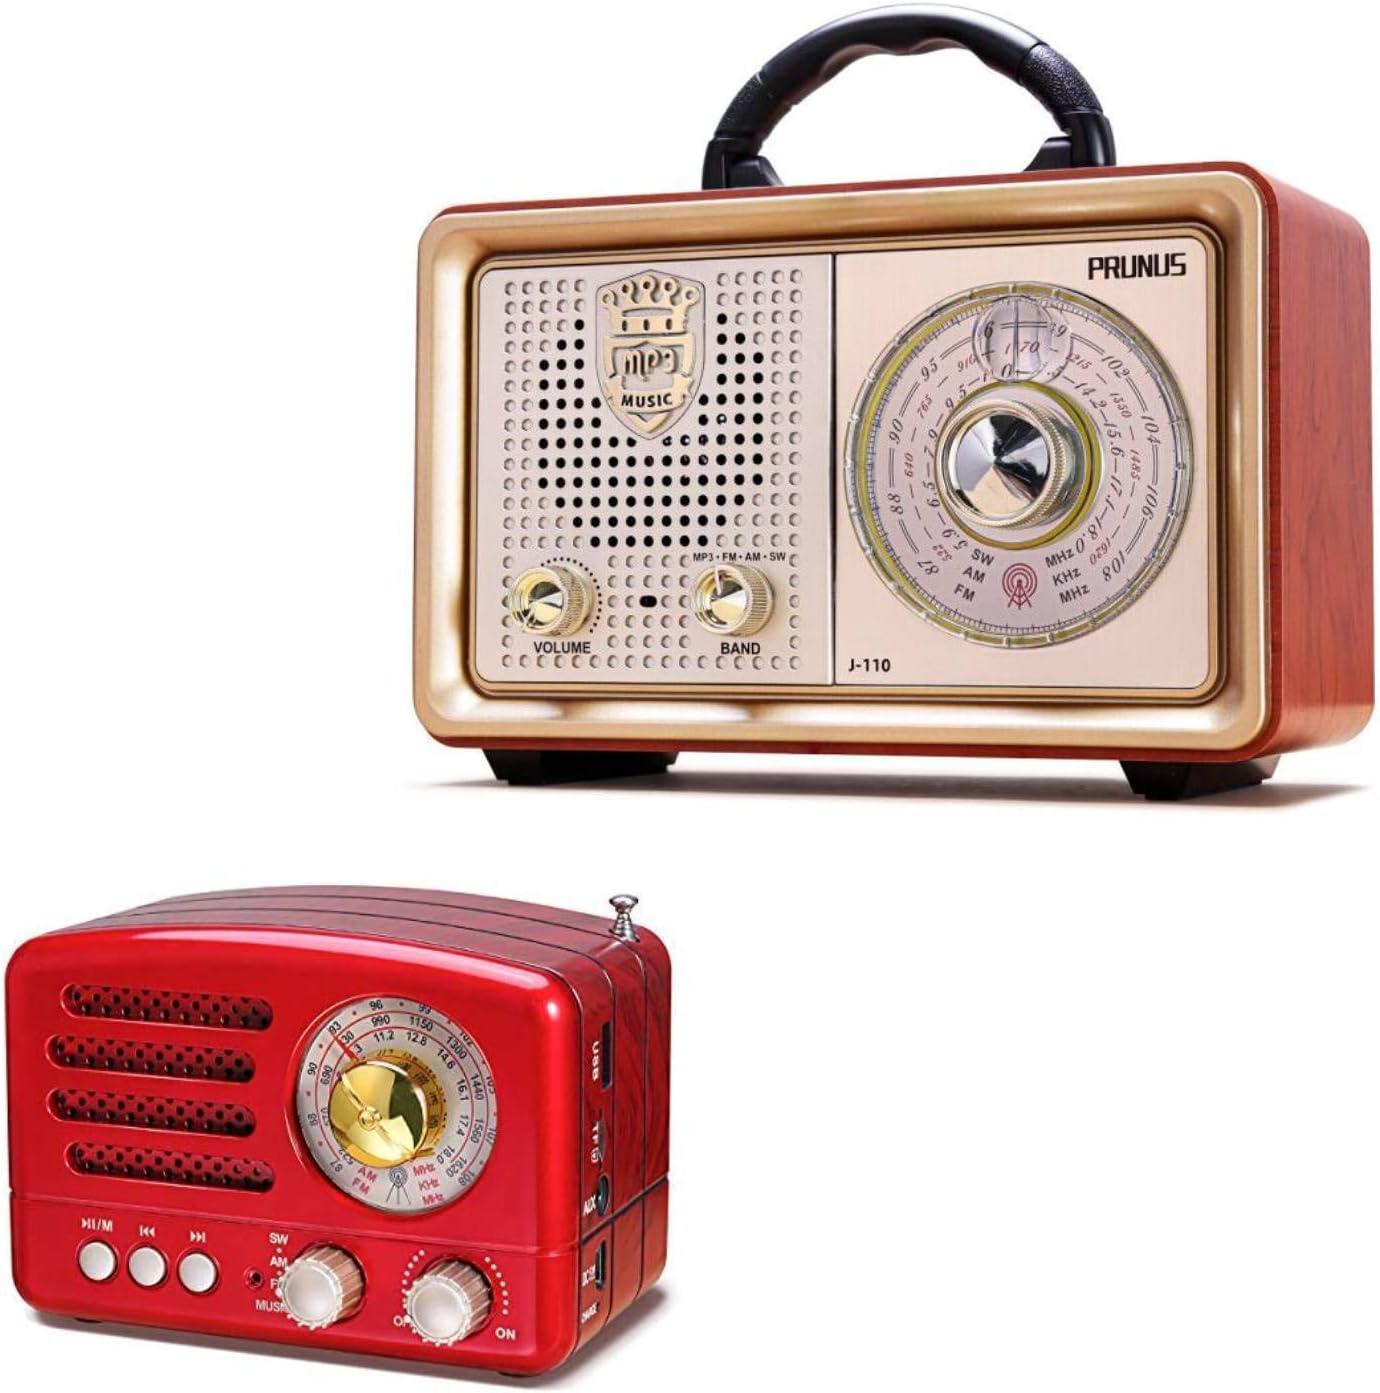 J-160 Superior Don't miss the campaign Retro AM FM Shortwave Radio J-110 Vintage